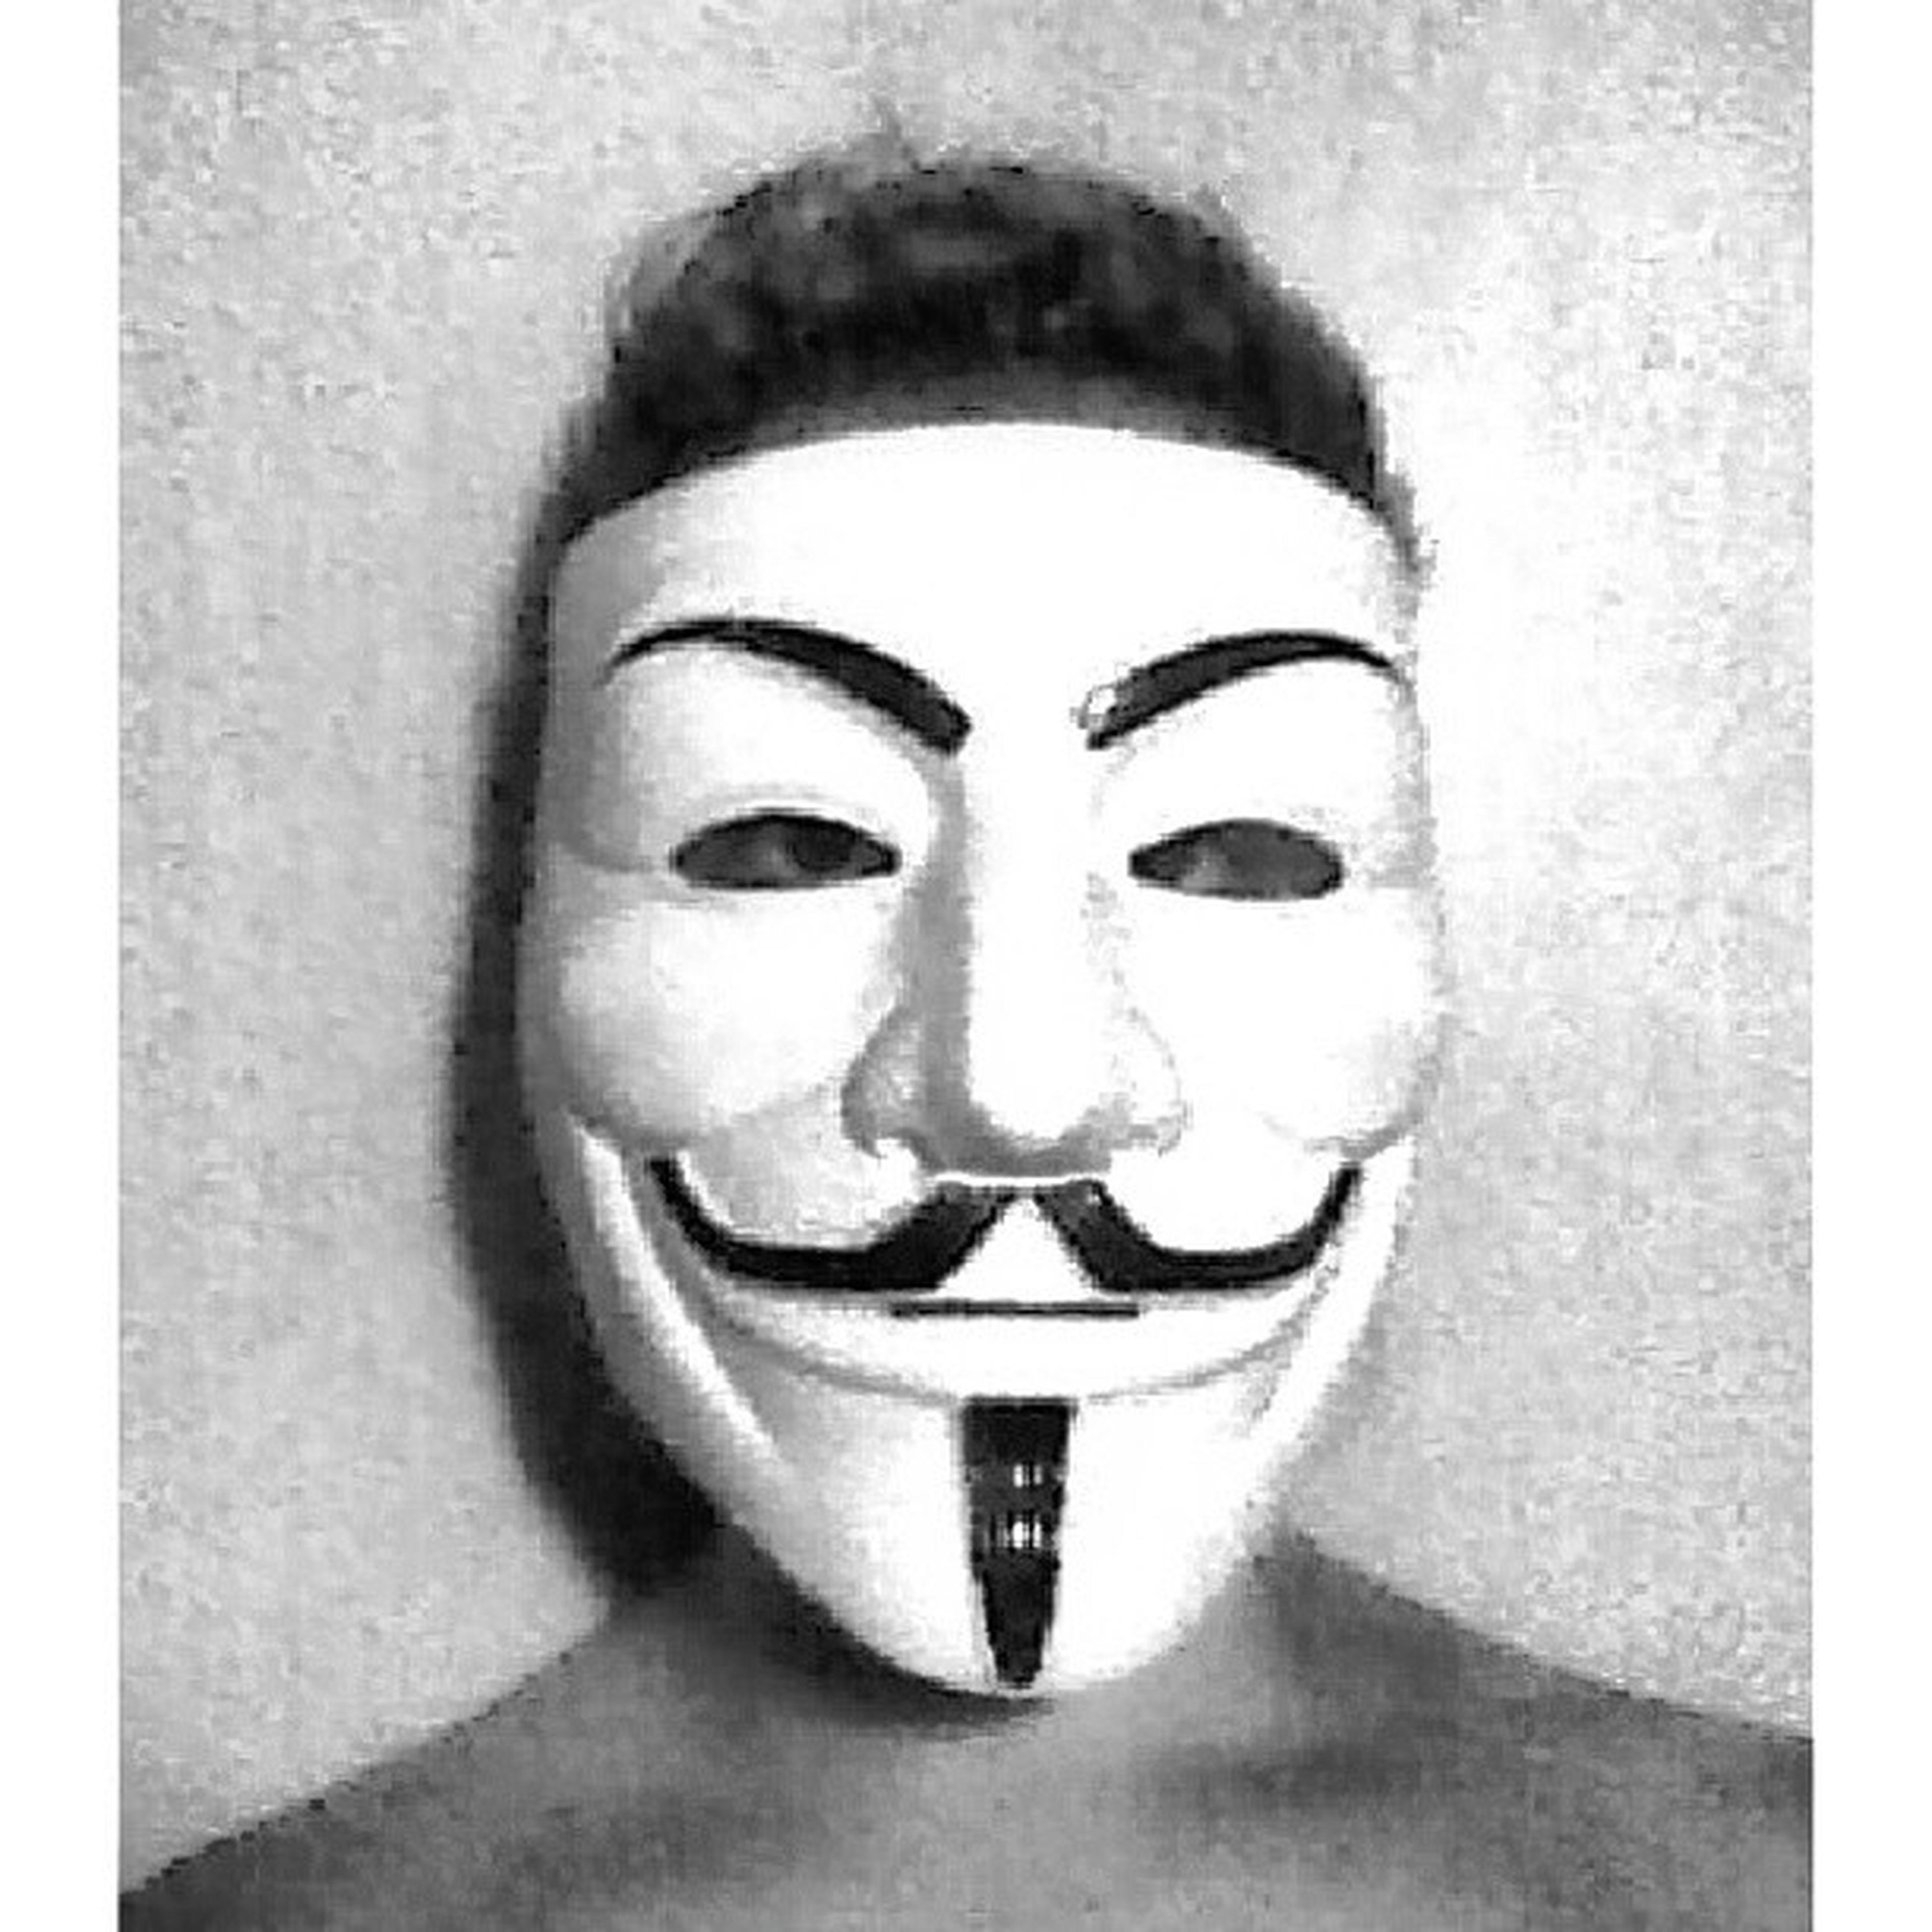 Viva a revolução ... Caramascarada V Povo Paraopovo pelopovo 21 dia20062013 unidos paz organizados vitória entaovamos ogiganteacordou vemprarua 1milhão nasruas riodejaneiro brasil brazil revolution viva la revolución BR